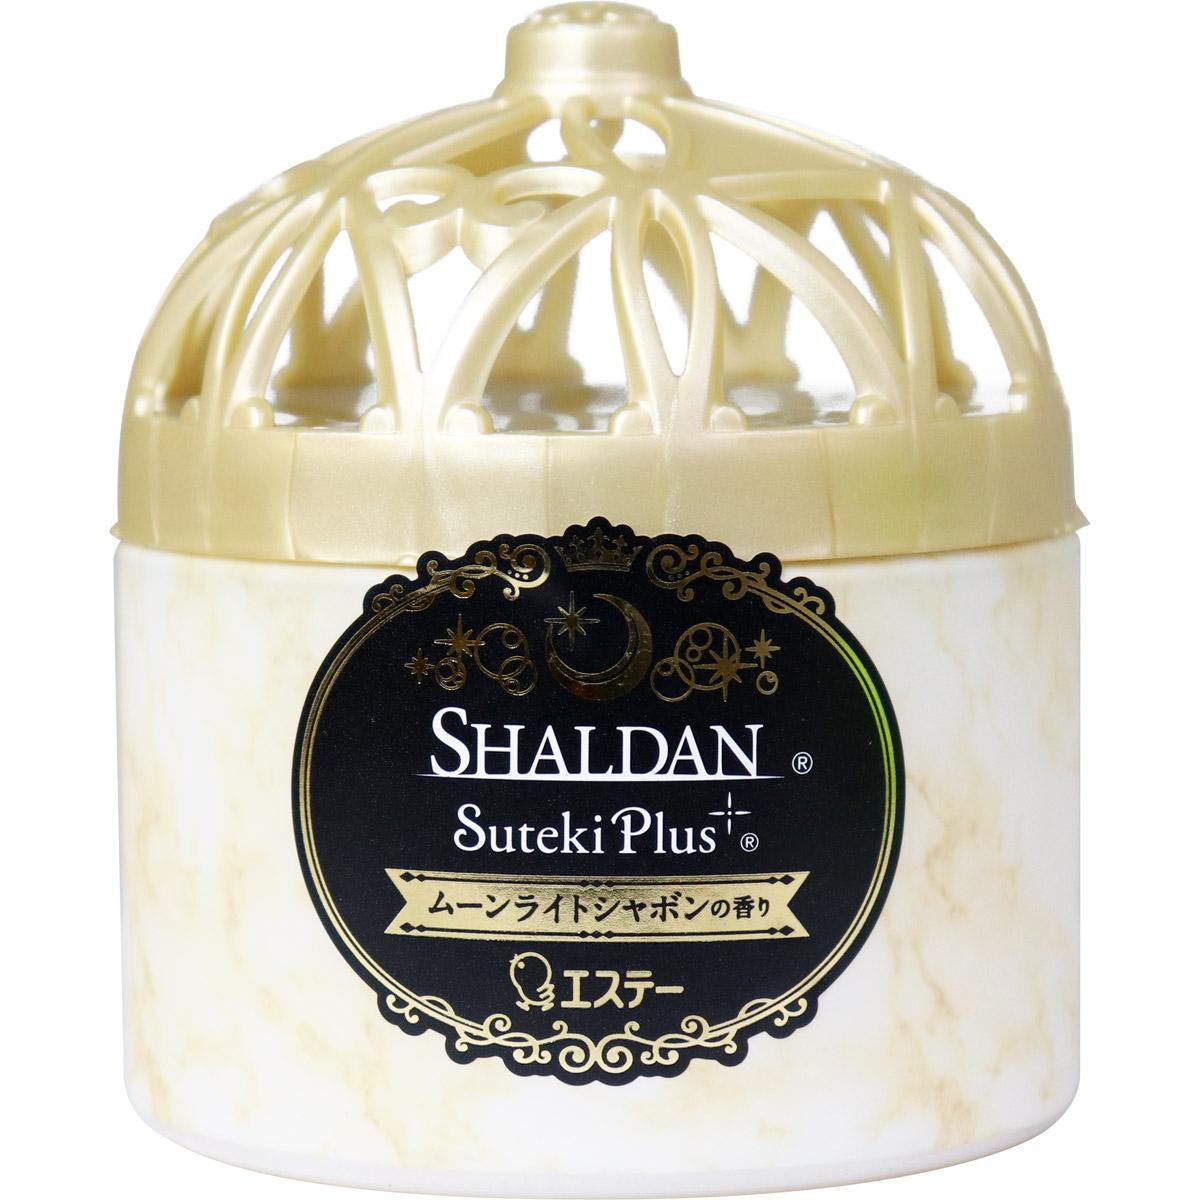 シャルダン ステキプラス ムーンライトシャボンの香り 260g